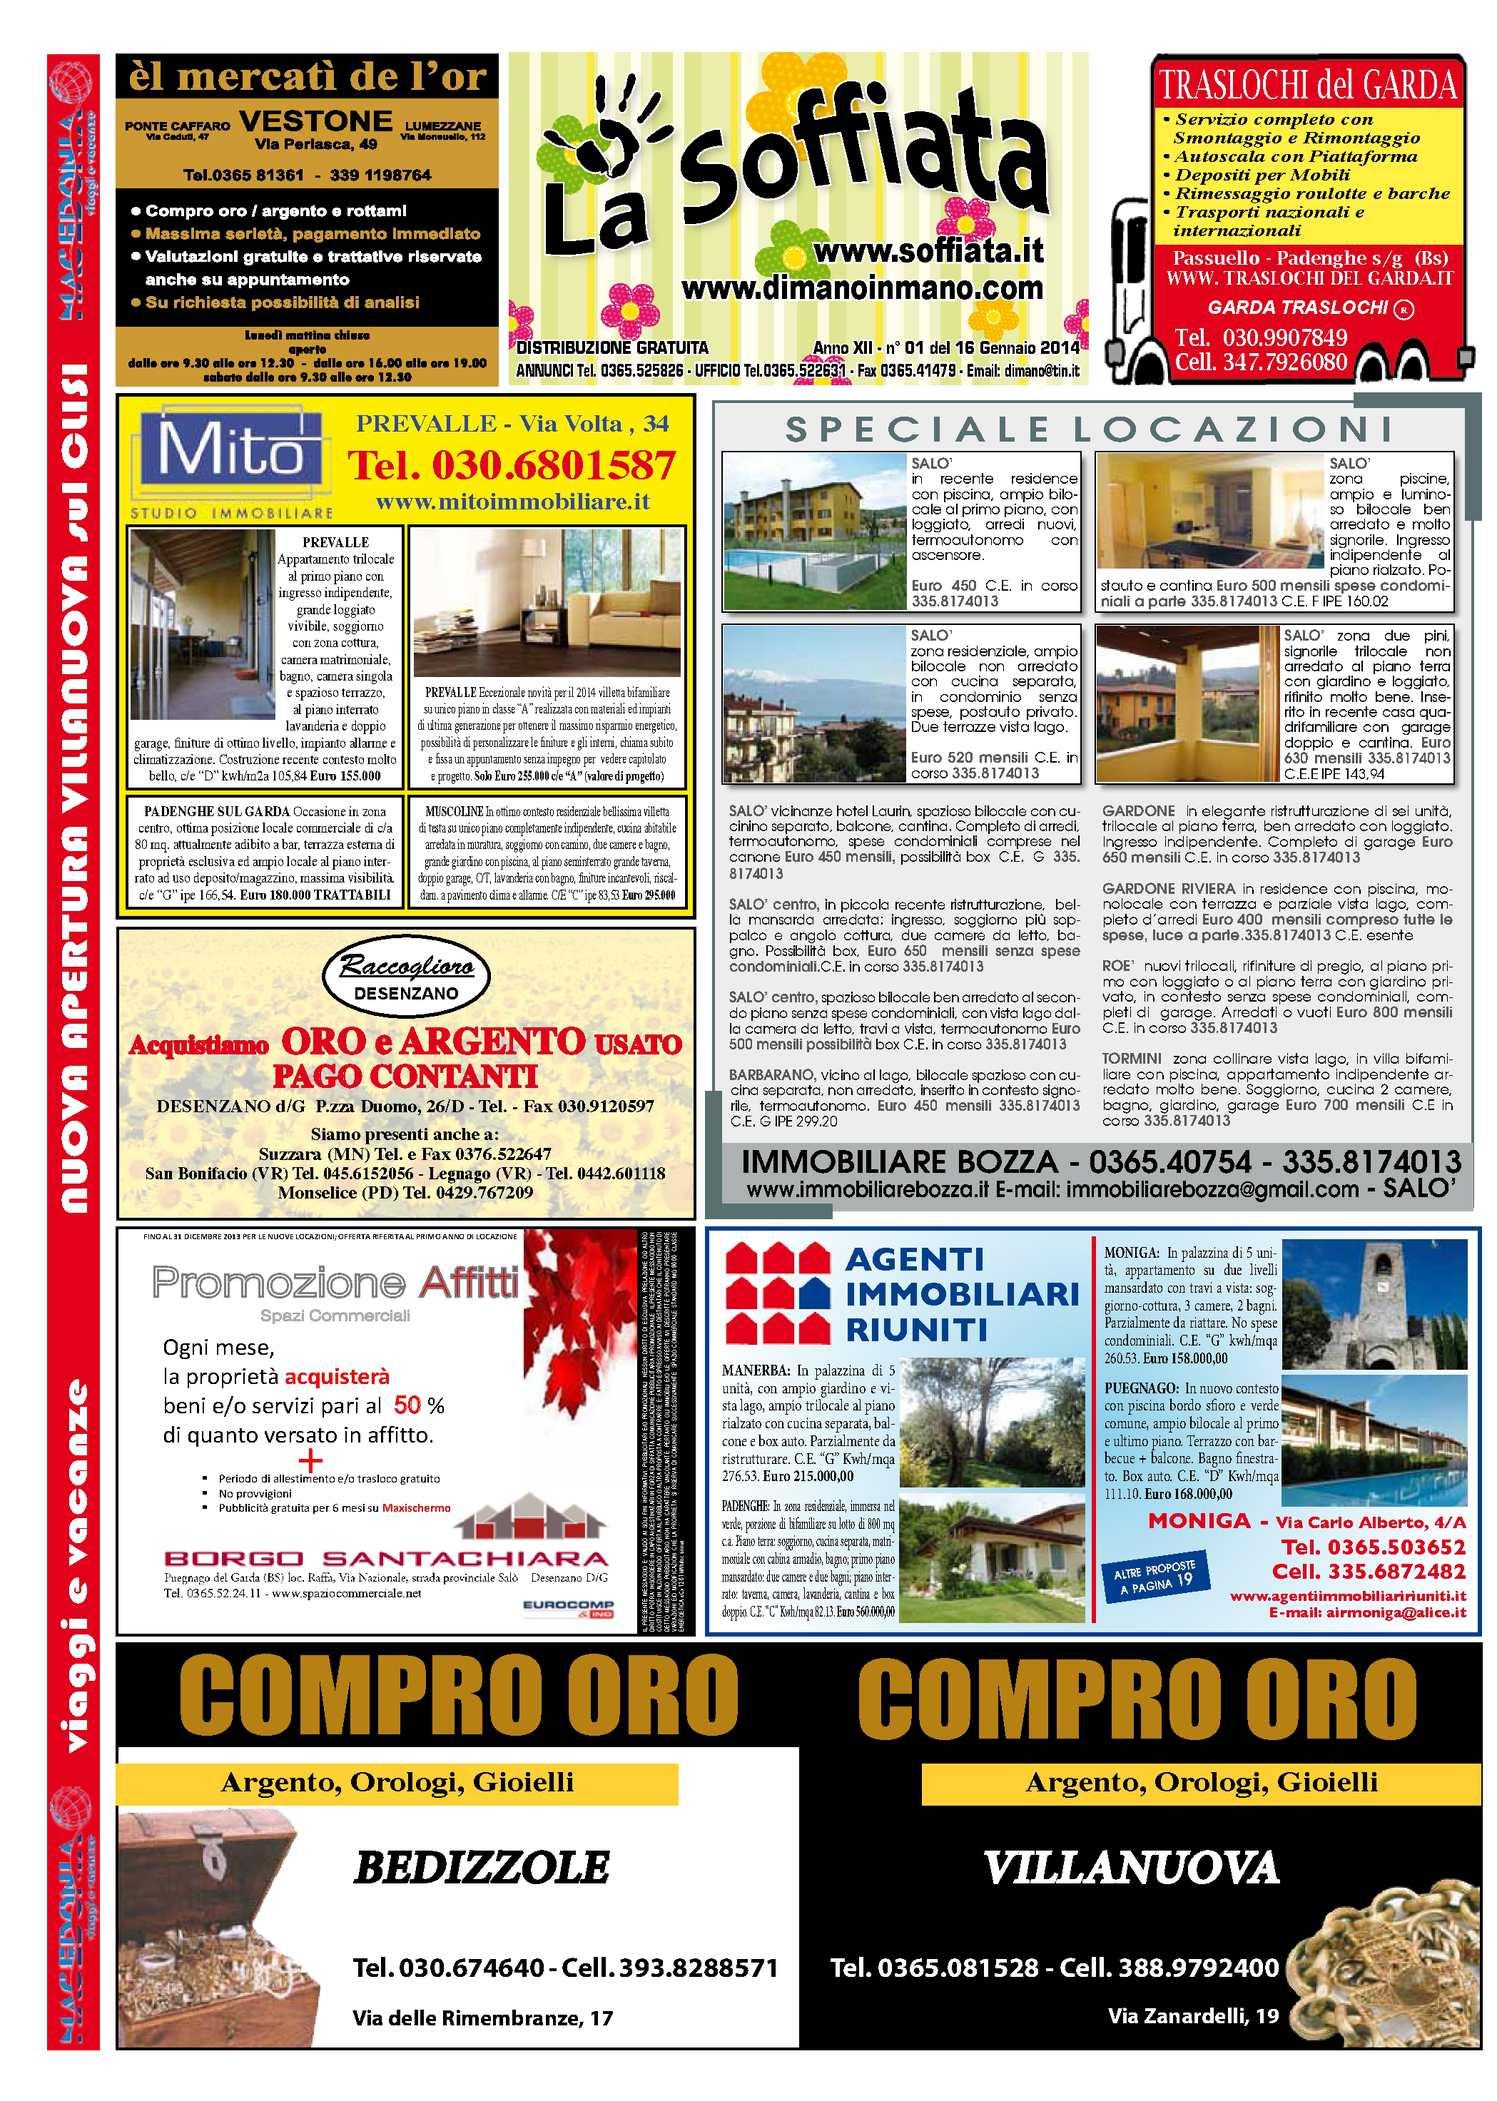 Raffa La Dondolo Giraffa.Calameo La Soffiata 16 01 2014